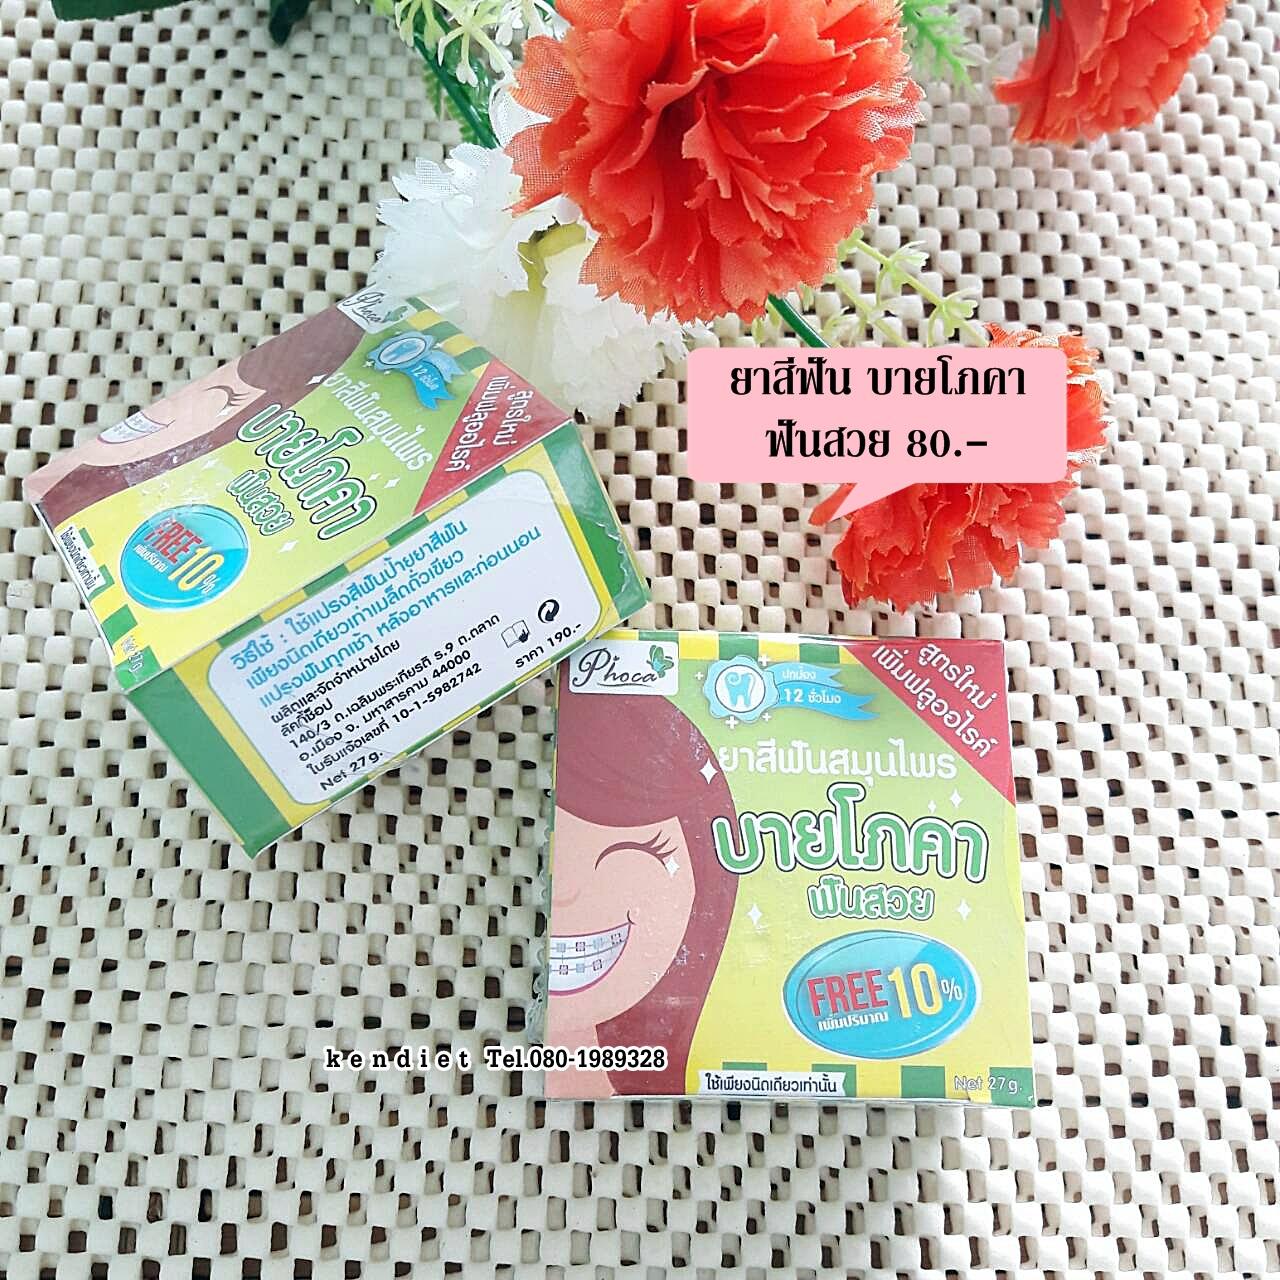 ยาสีฟันโภคา สมุนไพร by phoca สูตรเพิ่มฟลูออไรด์ กล่องสีเขียว 80 บาท